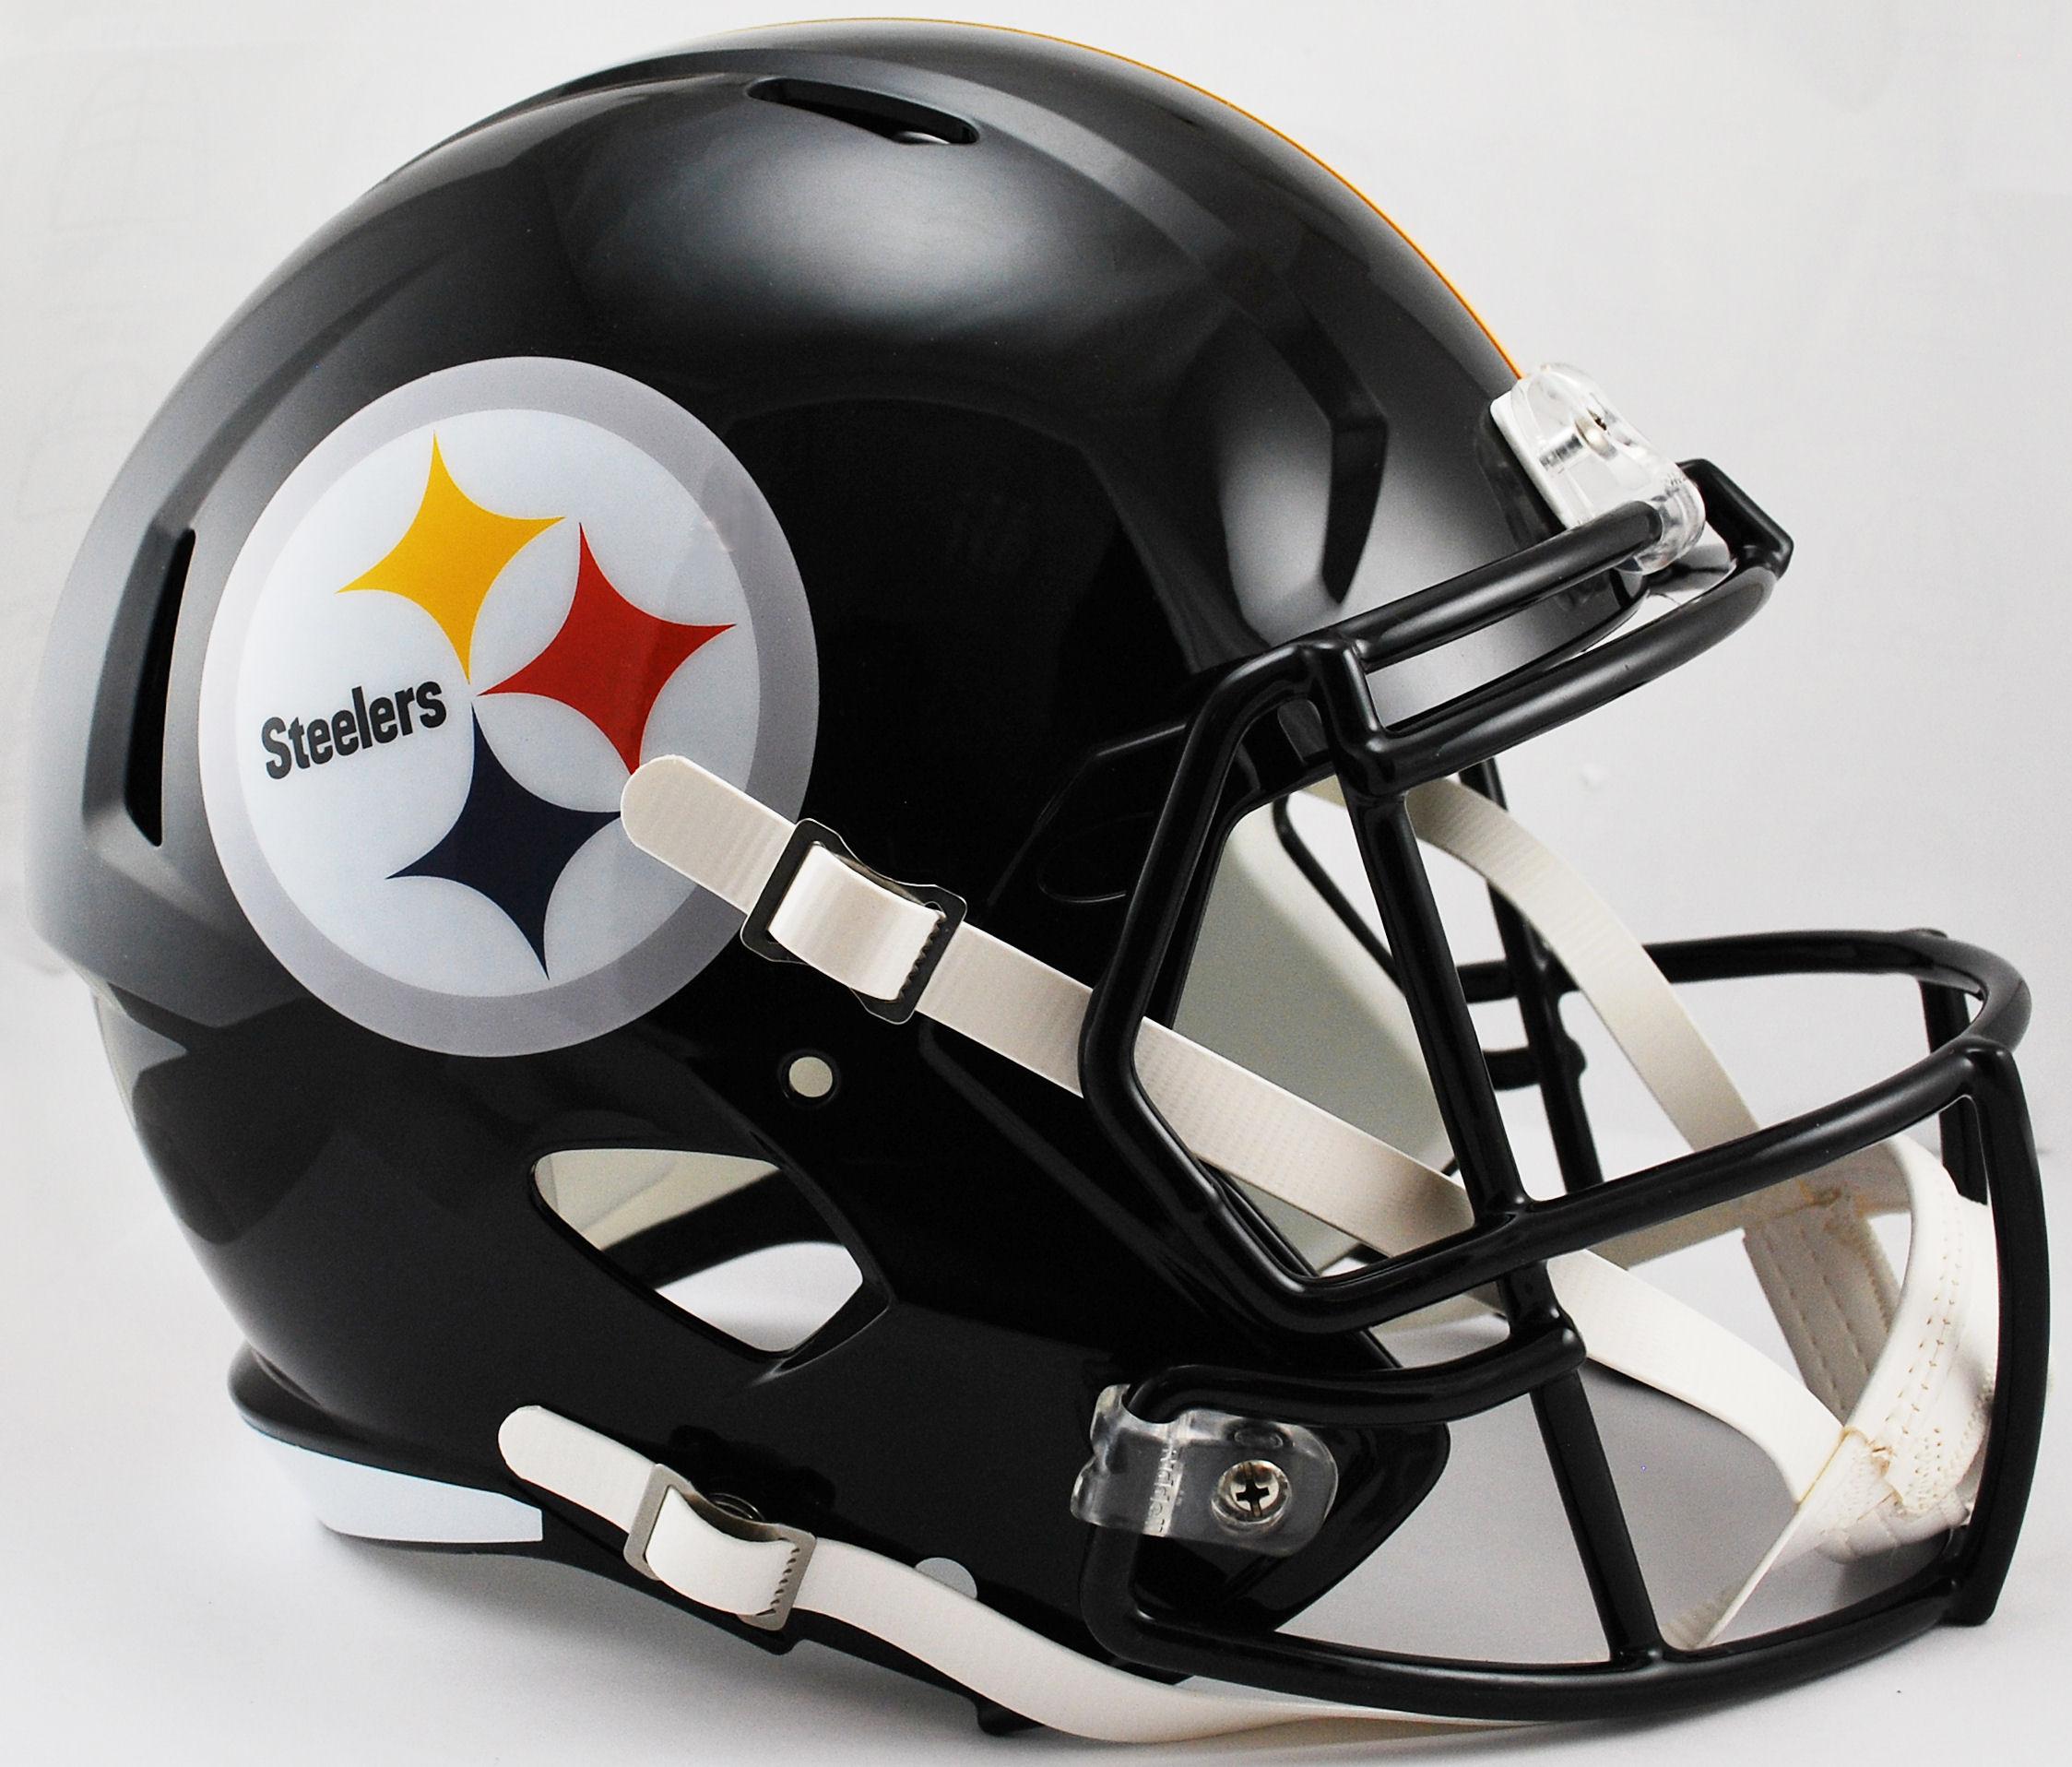 Pittsburgh Steelers Speed Replica Football Helmet